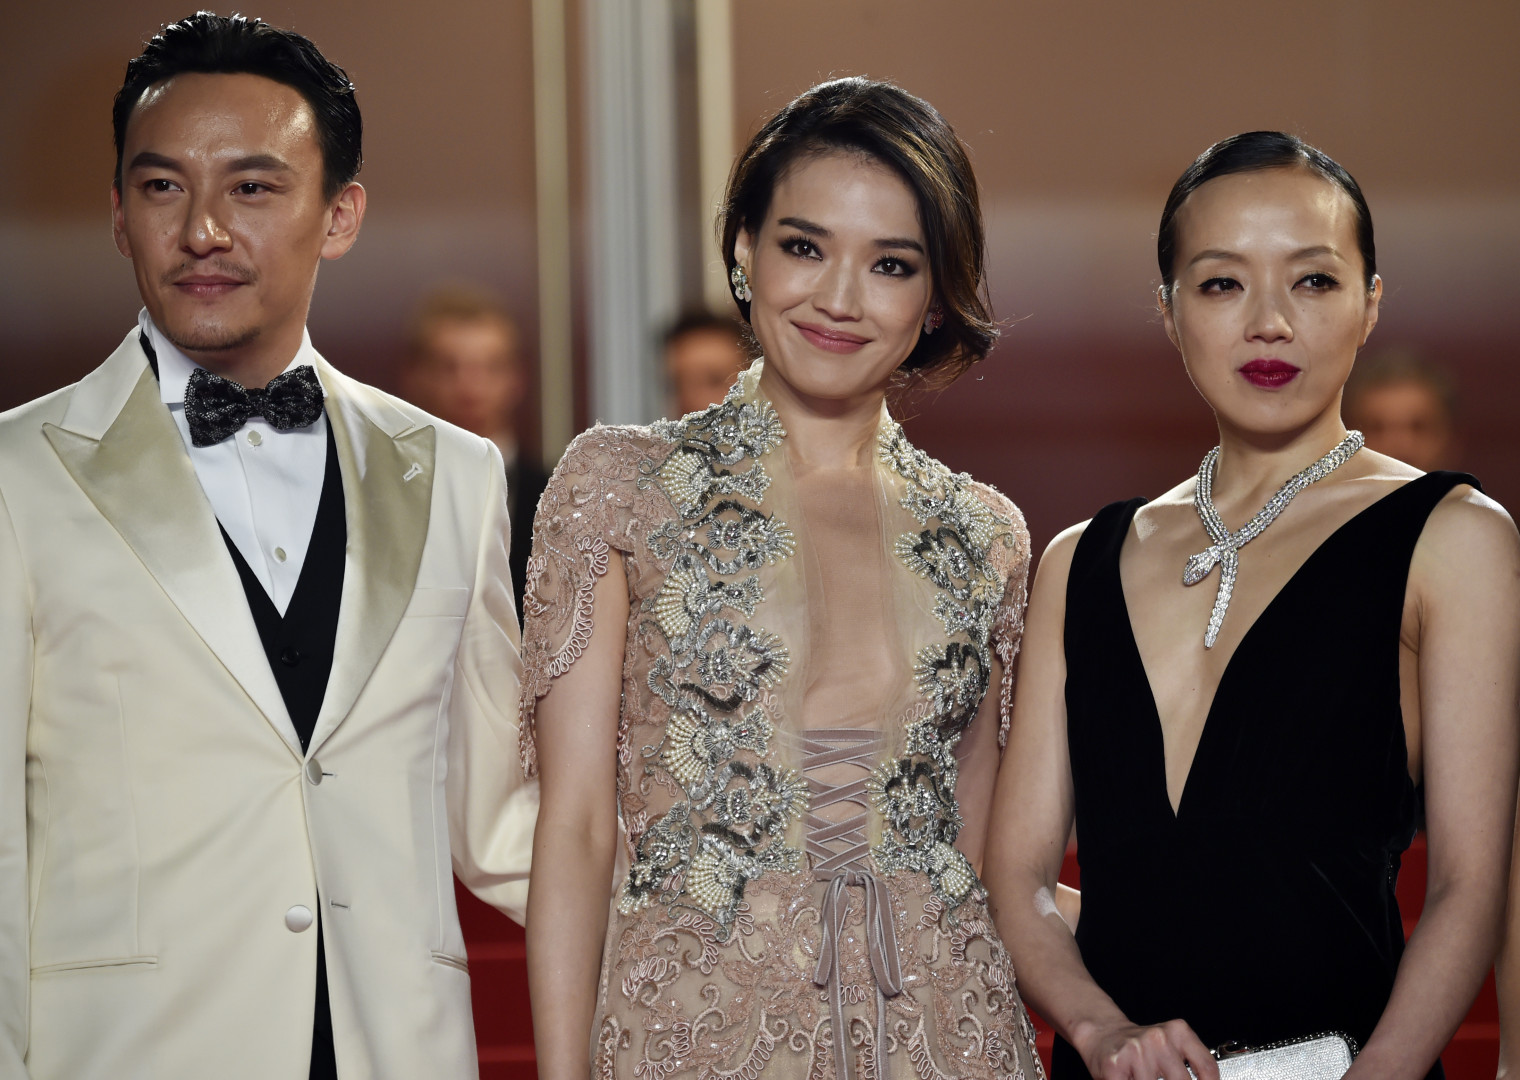 Les stars de ce film : les Taïwanais Chang Chen, Shu Qi et Sheu Fang-Yi (de gauche à droite)